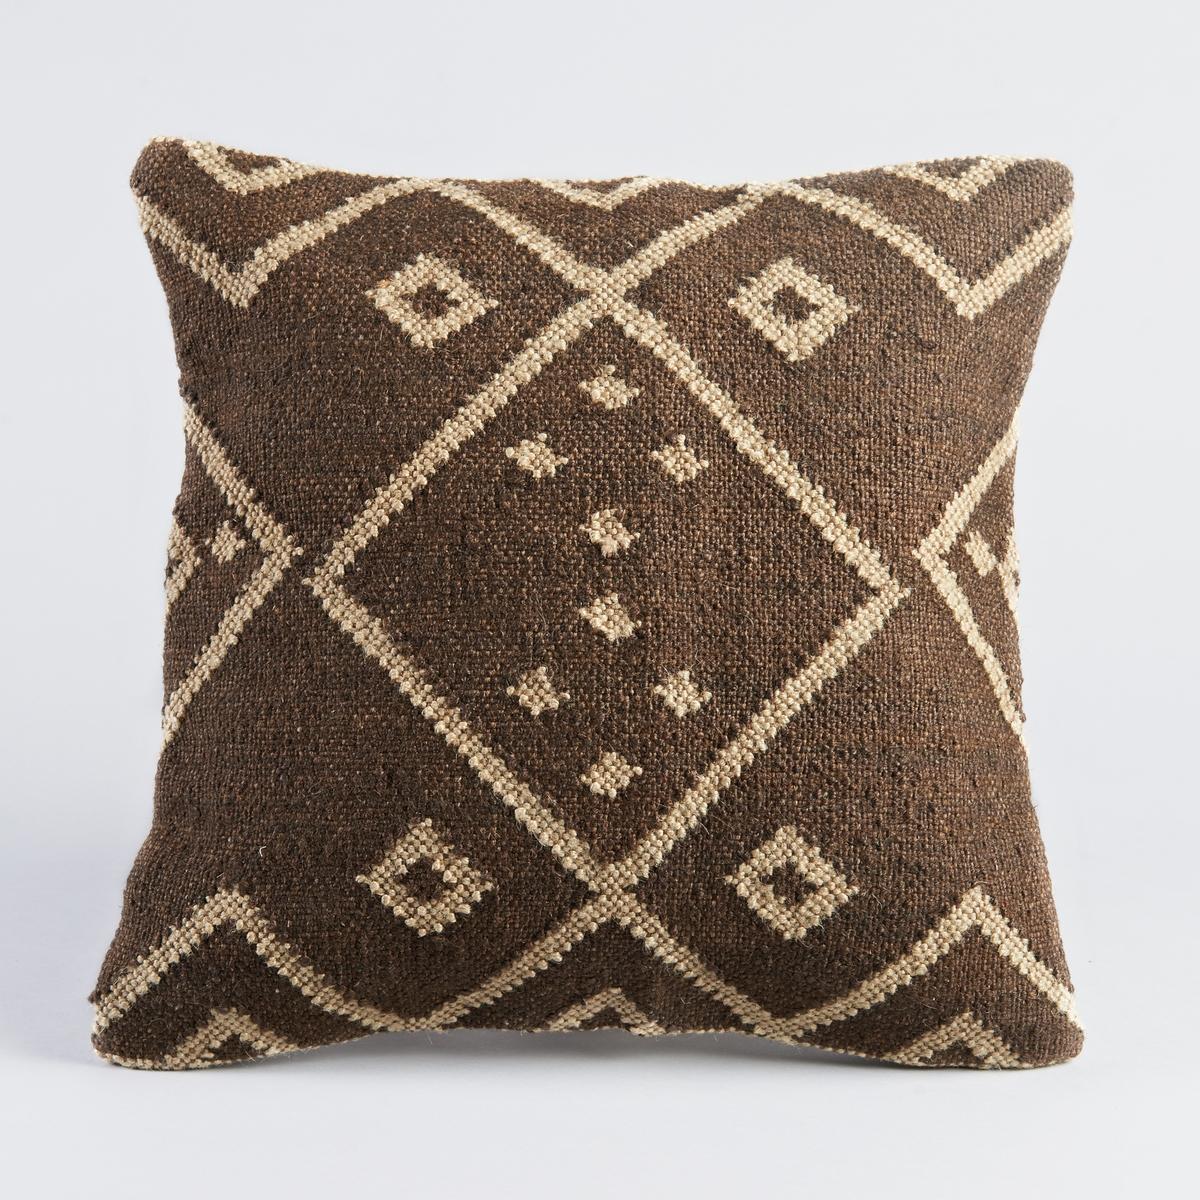 Чехол для подушки IsmaЧехол для подушки с коричнево-бежевым рисунком. Застежка на молнию. Внутренняя подкладка.  Материал :- 75 % джута, 25 % шерсти. Спинка цвета экрю, 100% хлопка. Размер : - 45 x 45 см.<br><br>Цвет: каштановый<br>Размер: 45 x 45  см